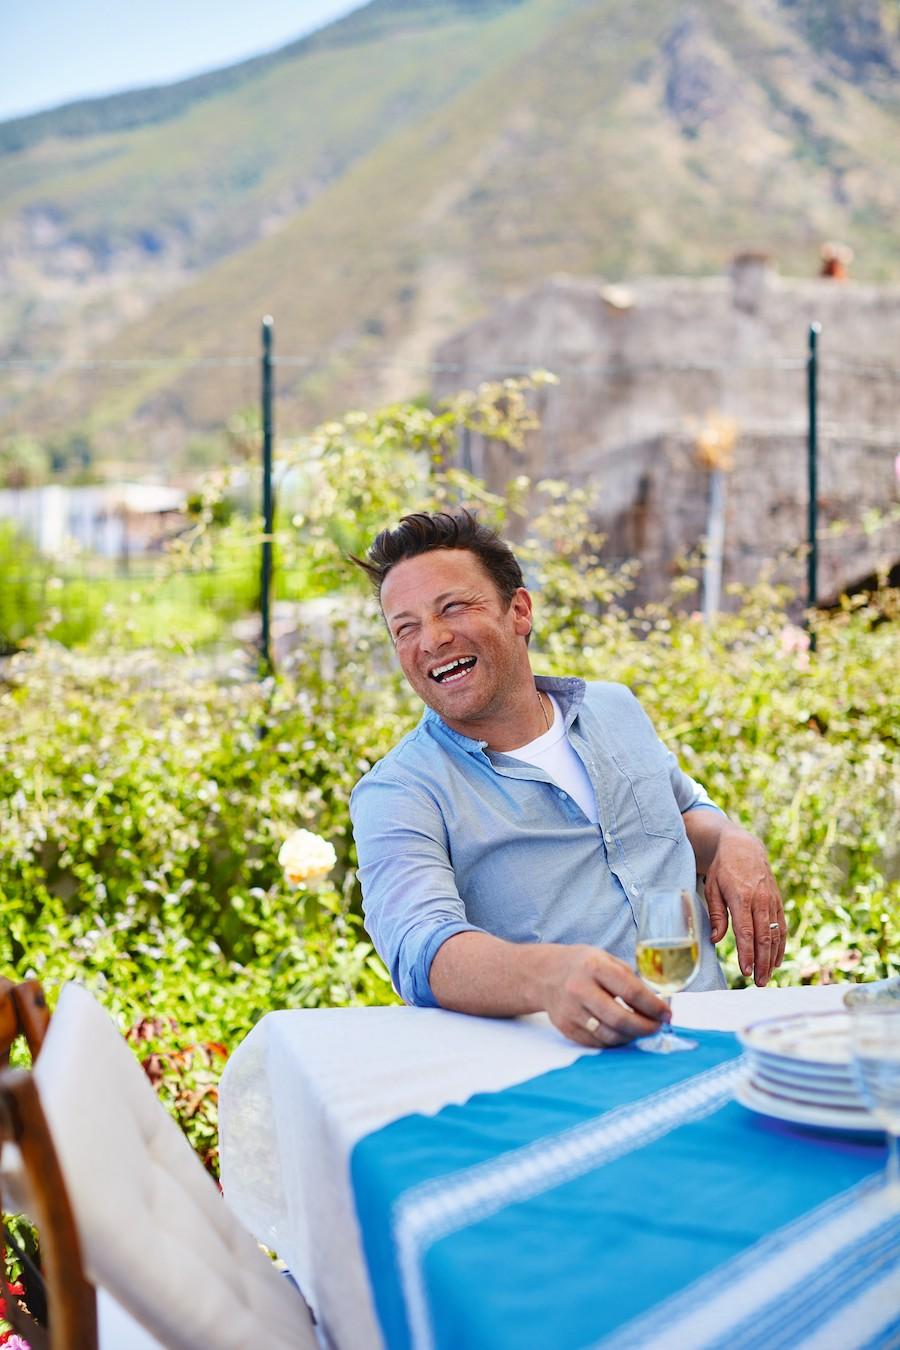 Kooktips van Jamie Oliver